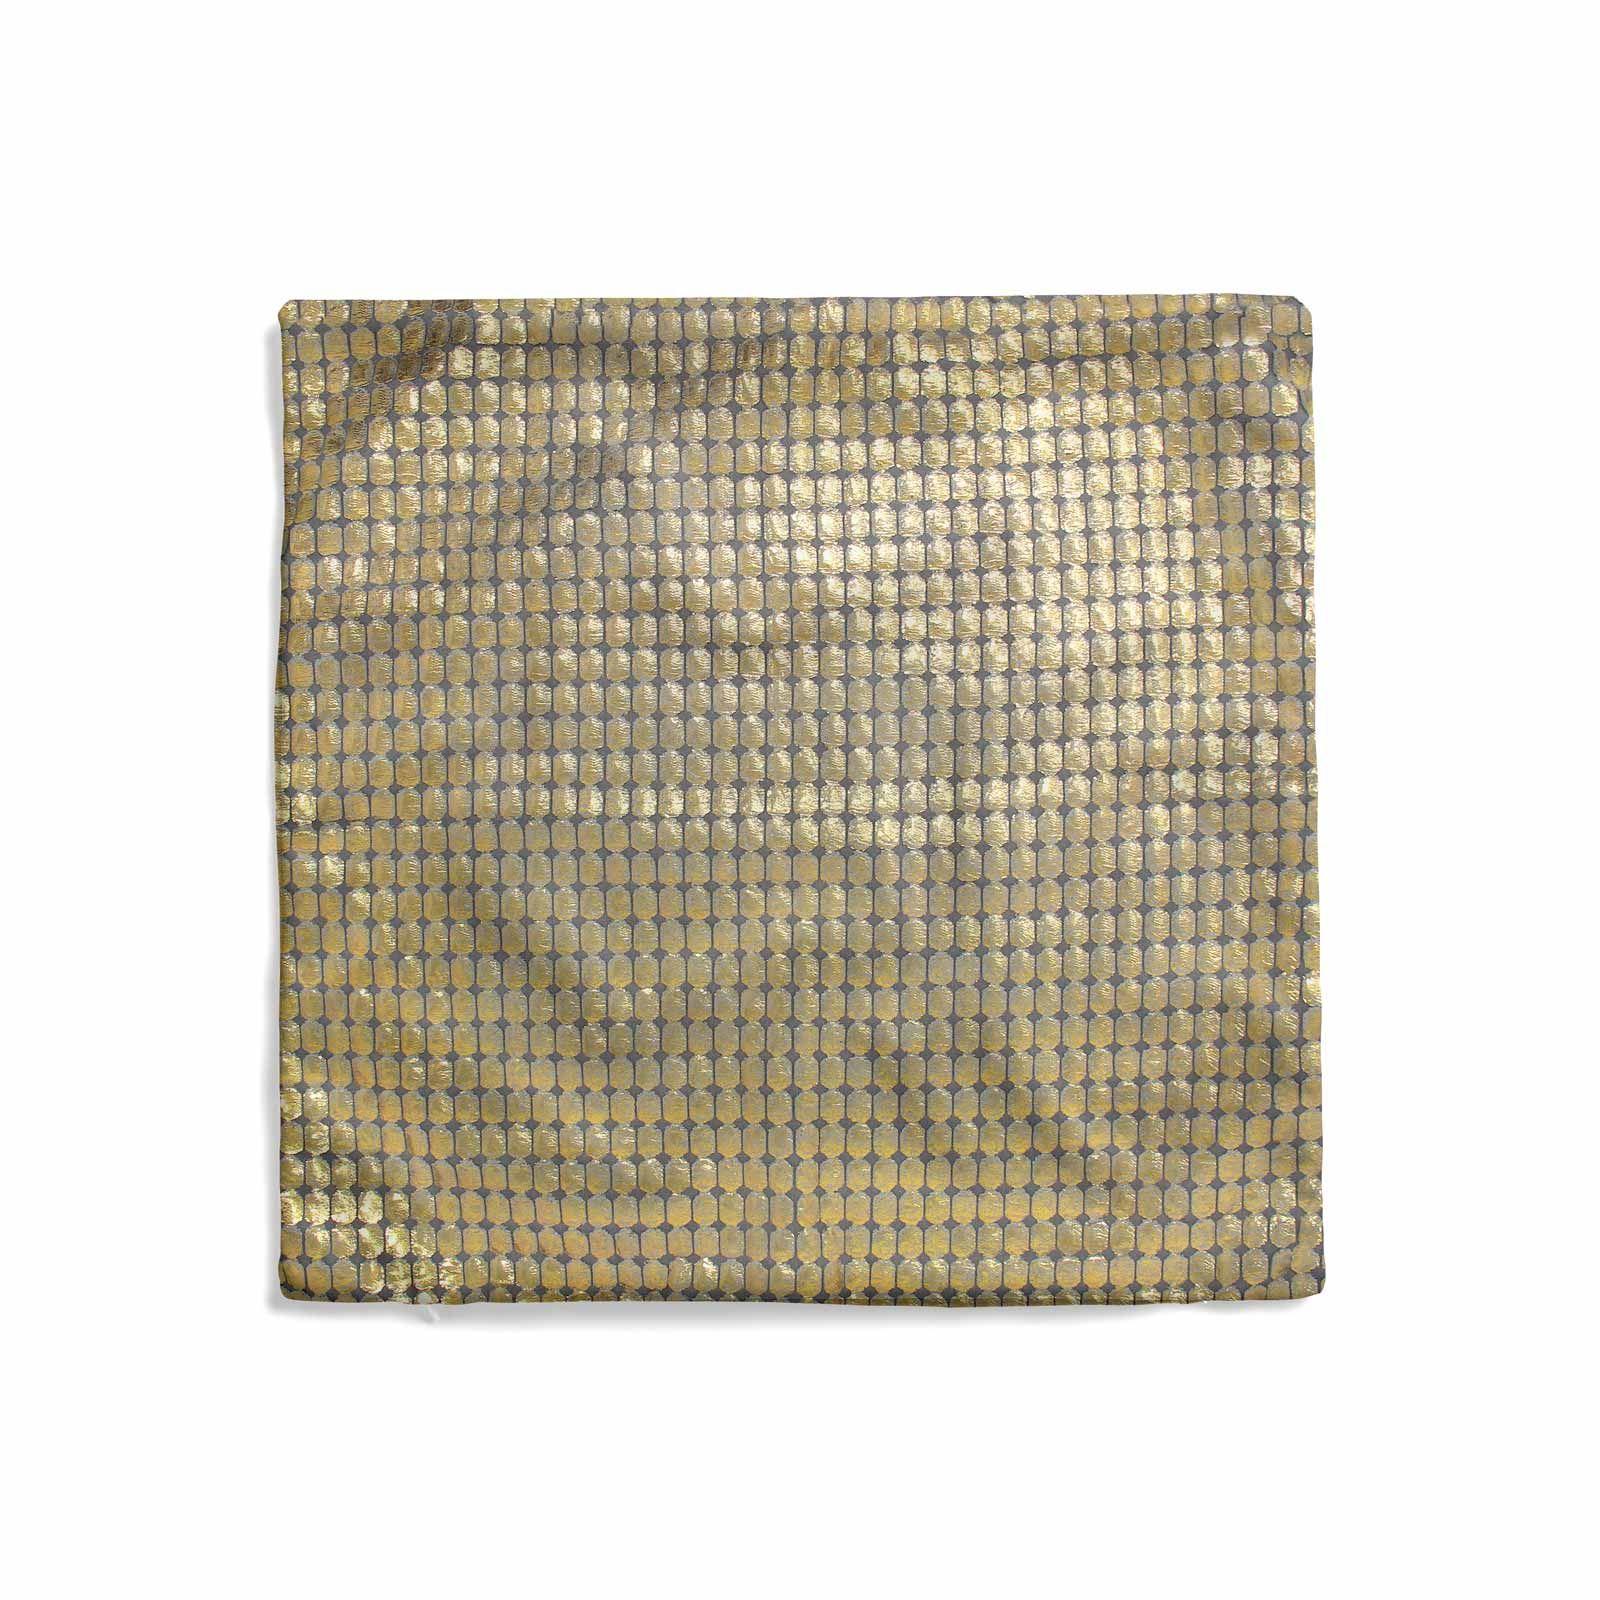 Impresion-de-lamina-metalica-Moderno-Funda-De-Cojin-Almohadon-cubiertas-de-cojines-18-034-X-18-034 miniatura 10